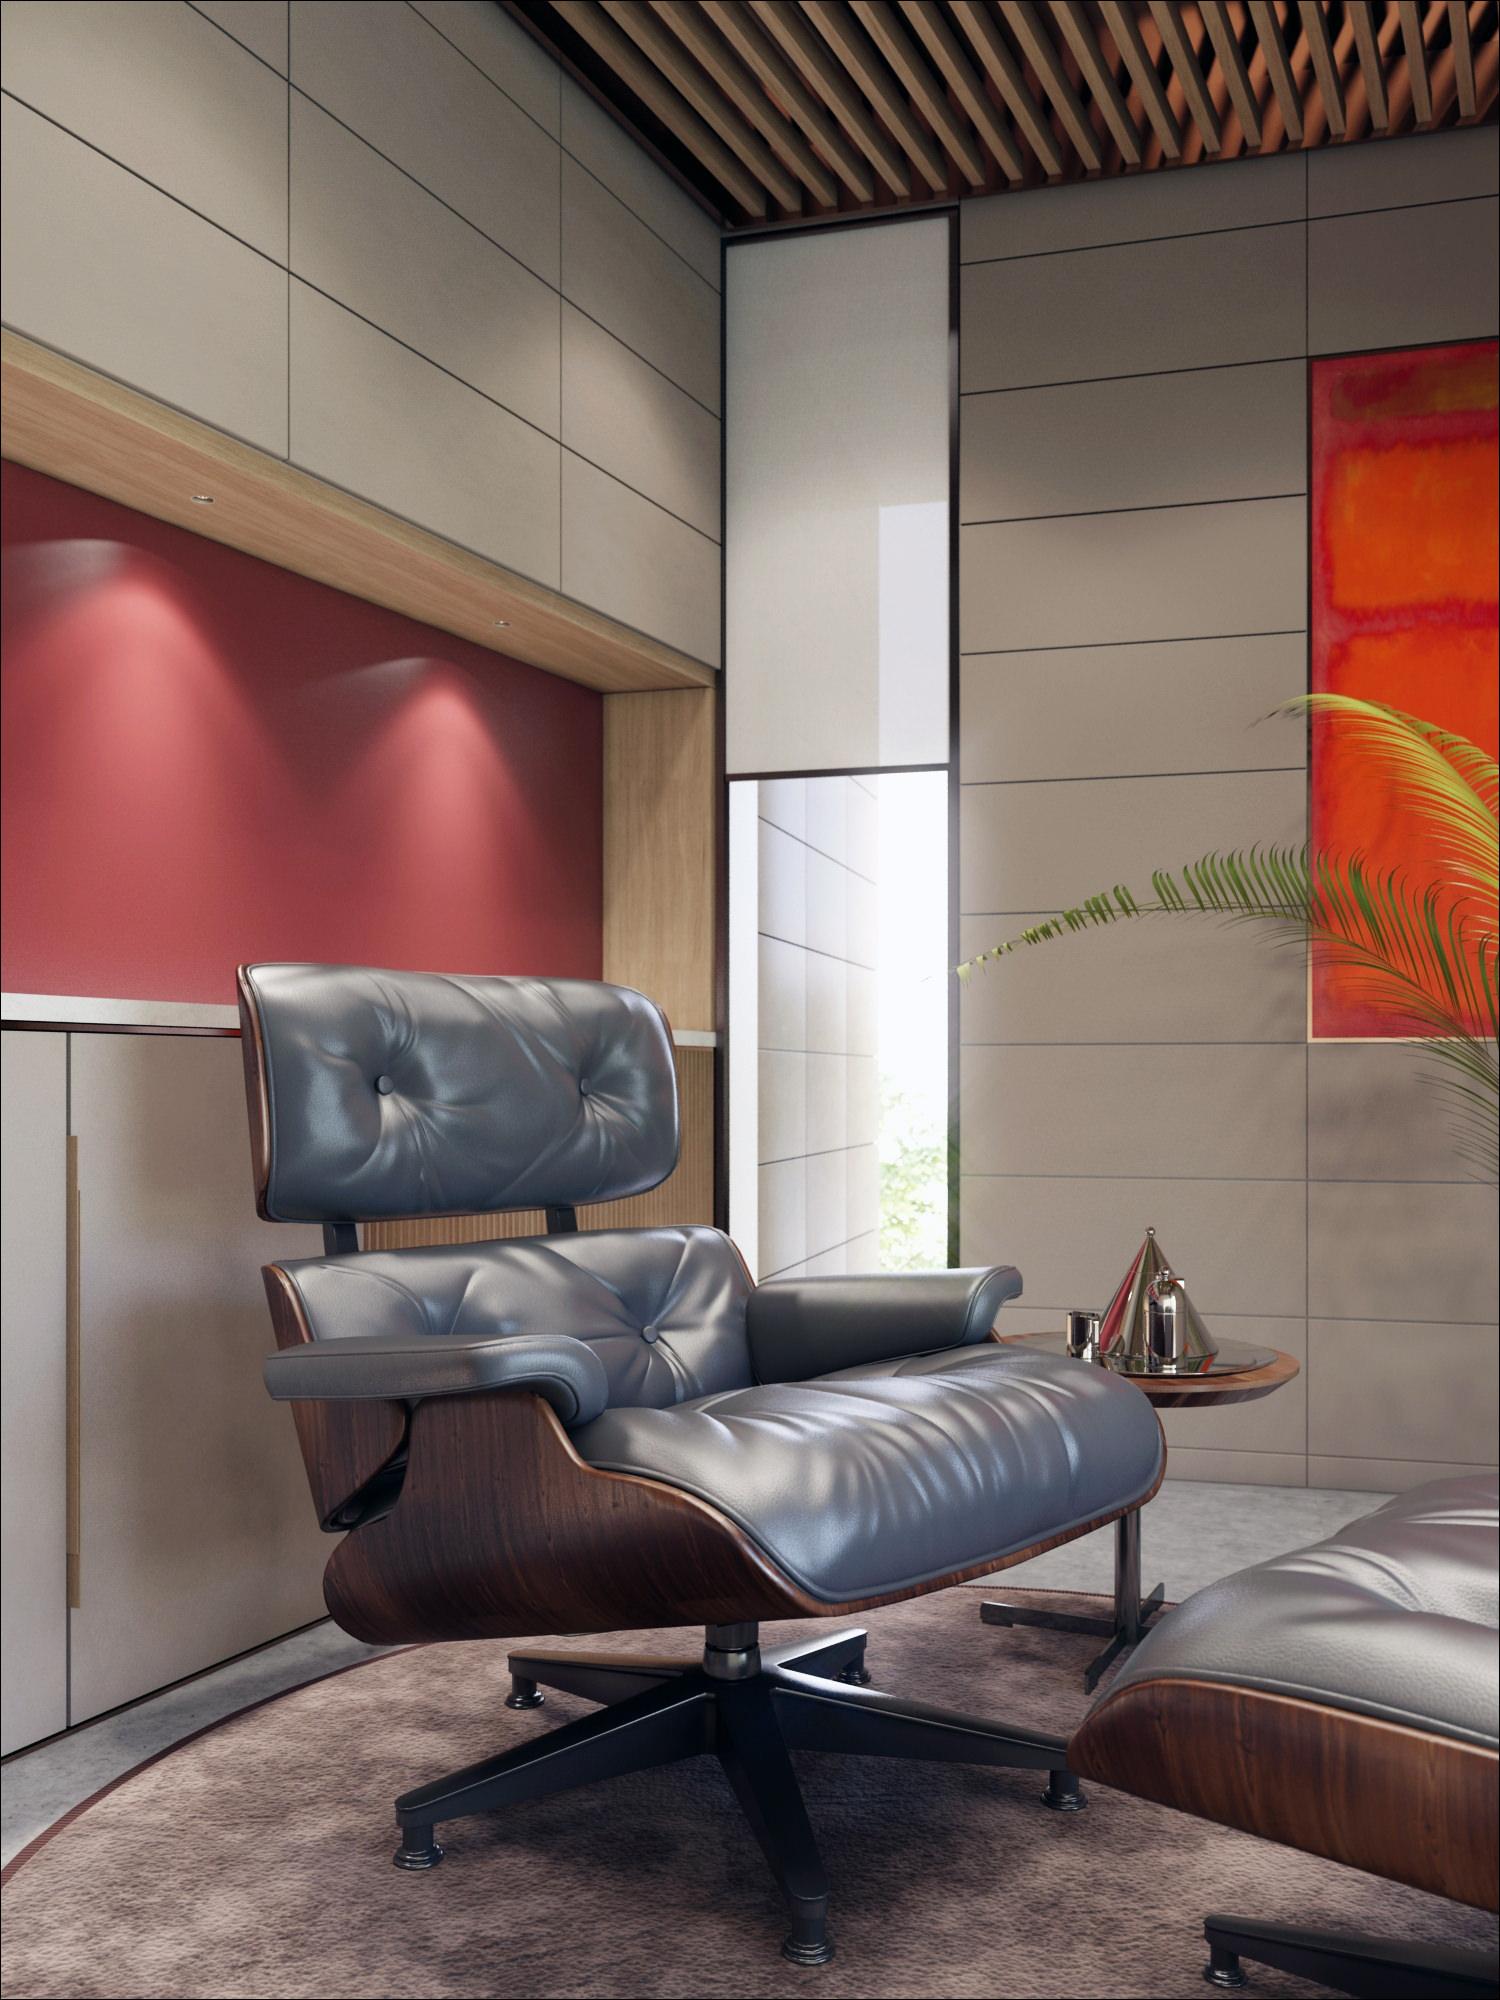 rendu 3D photo réaliste de mobilier de bureau design